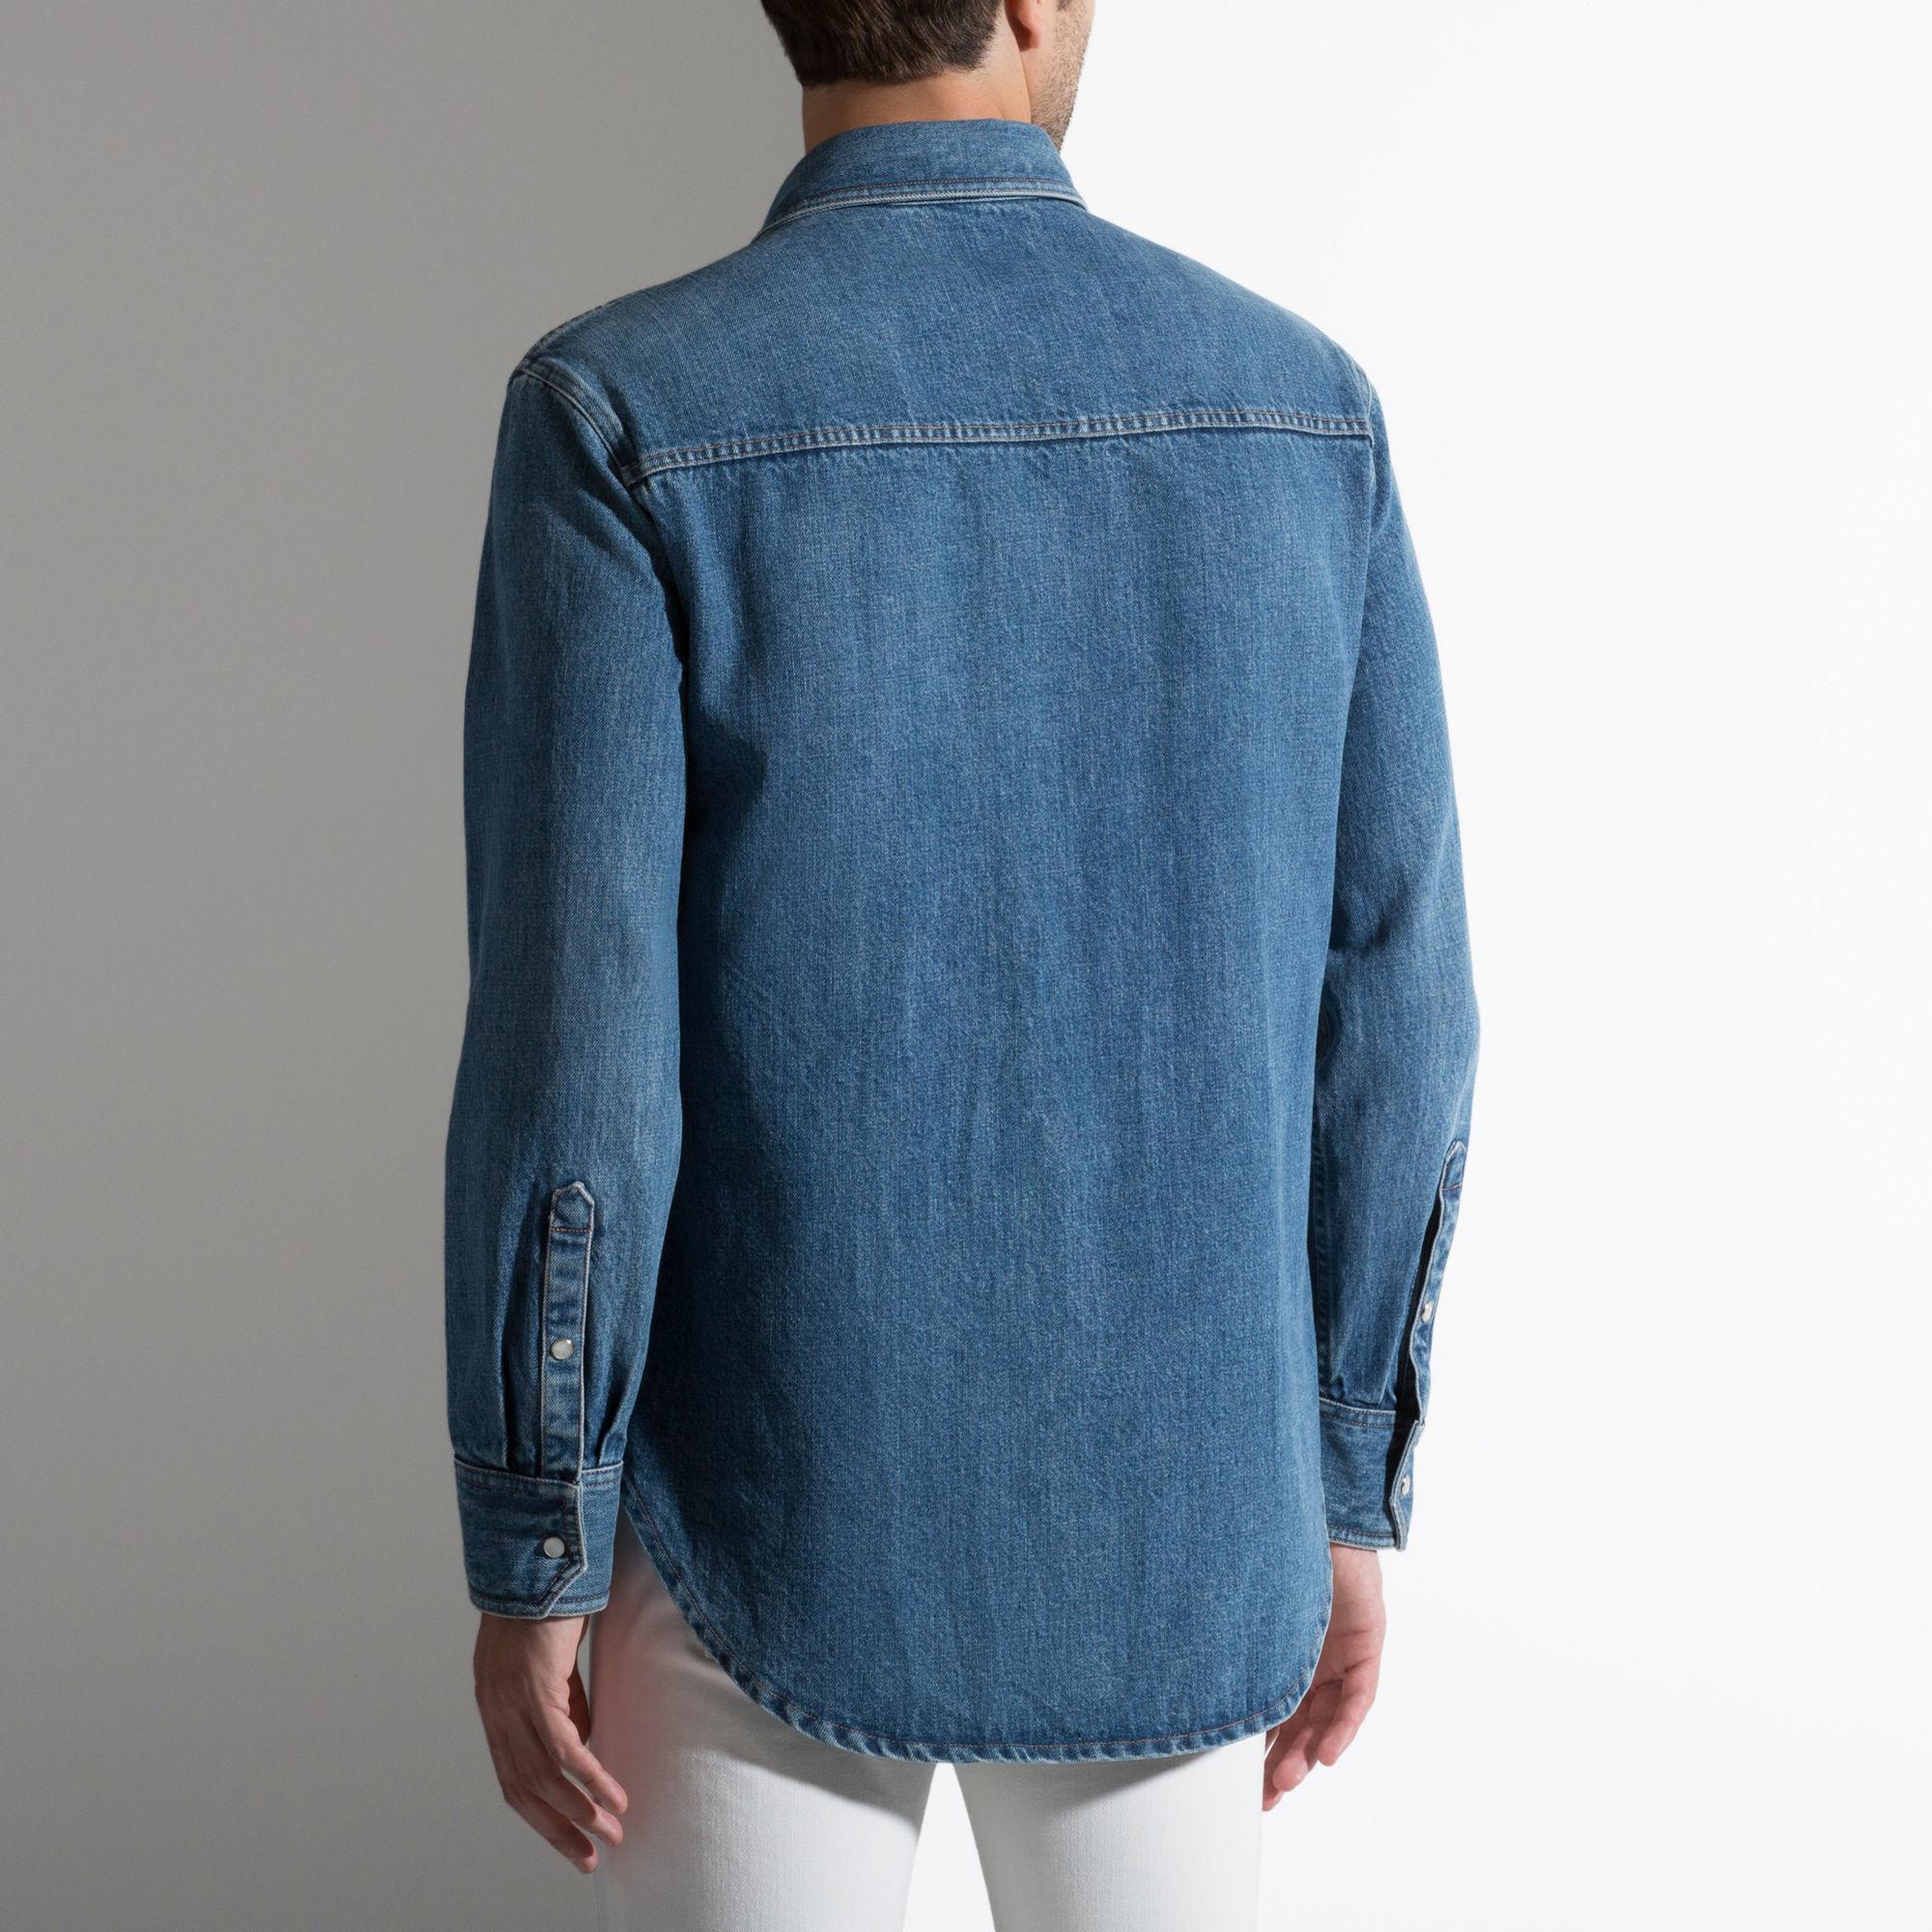 Bally Cotton Shirt Men S Light Blue Cotton Shirt In Blue